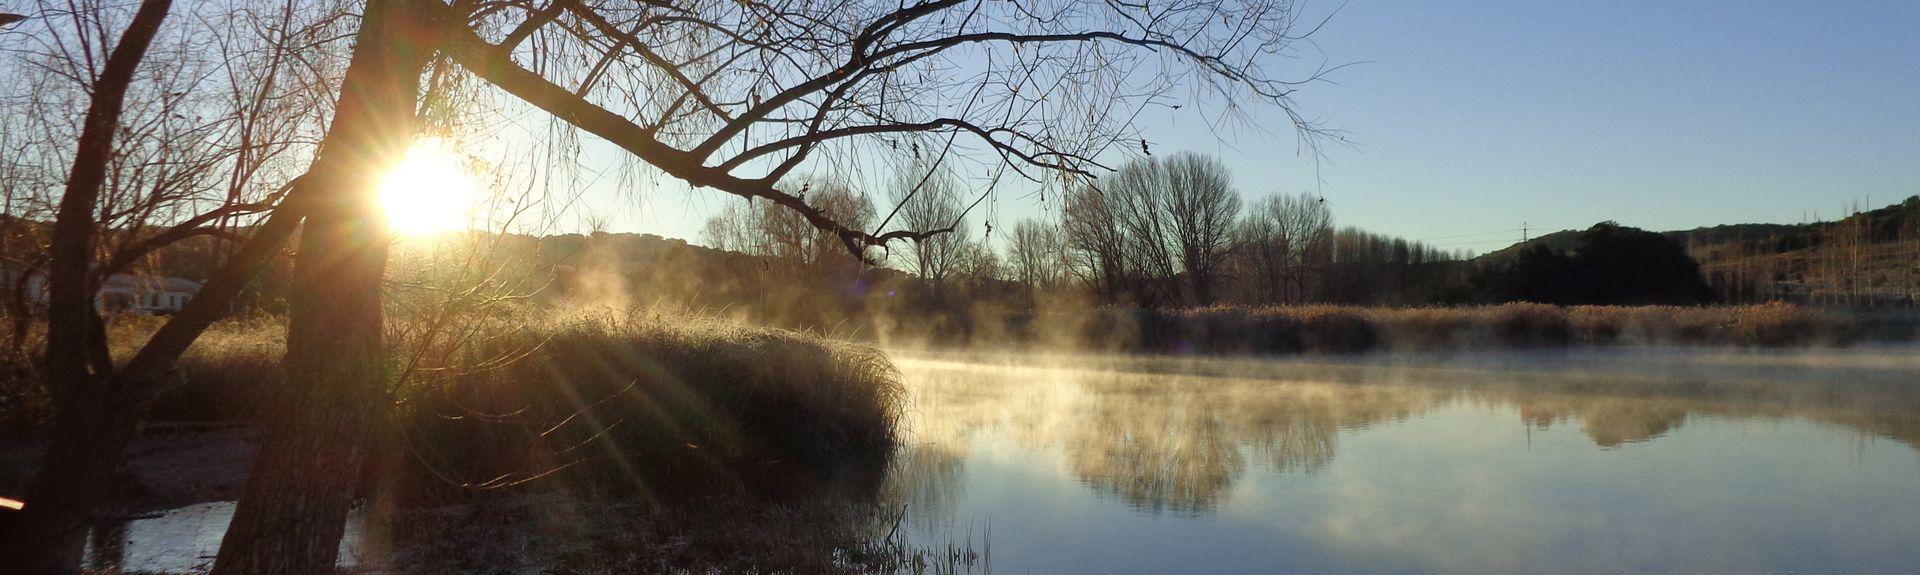 Parque natural de las Lagunas de Ruidera, Castilla-La Mancha, España